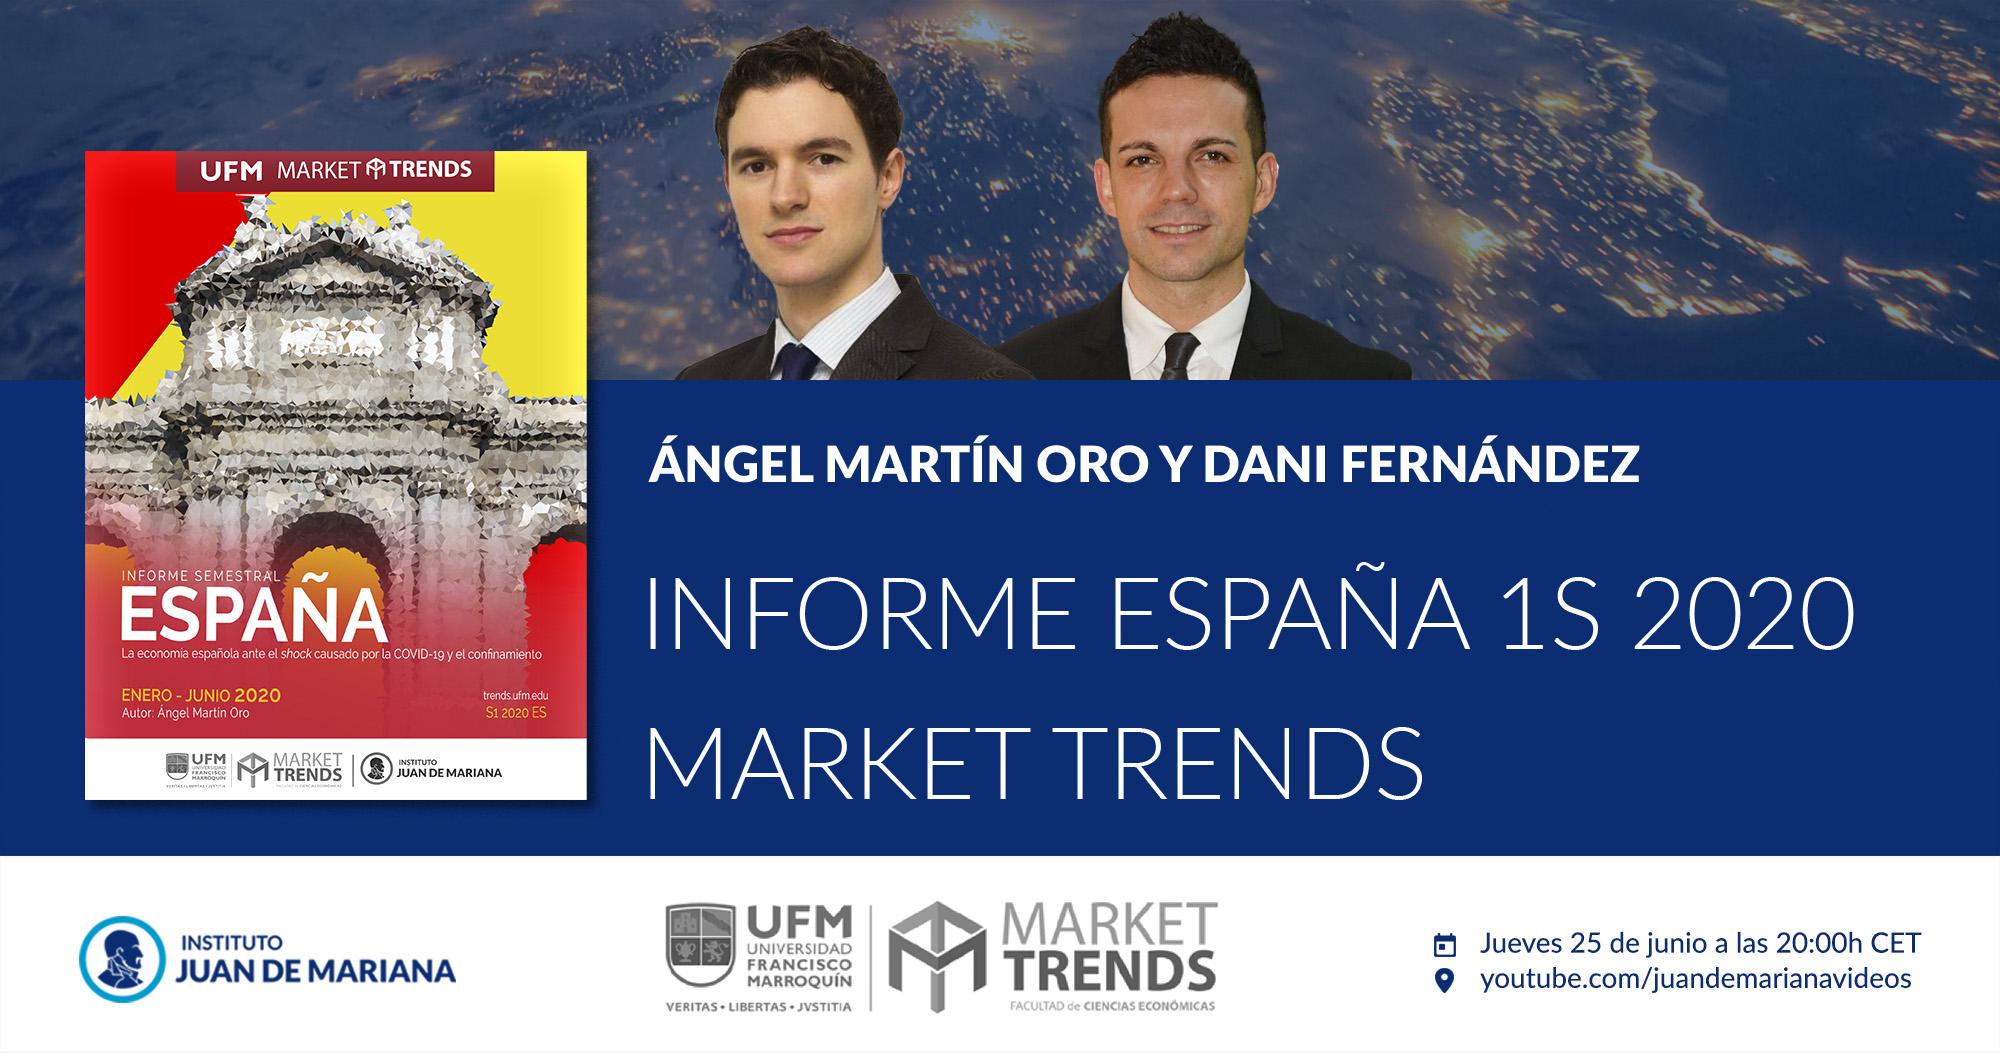 presentacion_informe_espana_1s_2020_-_market_trends_25_06